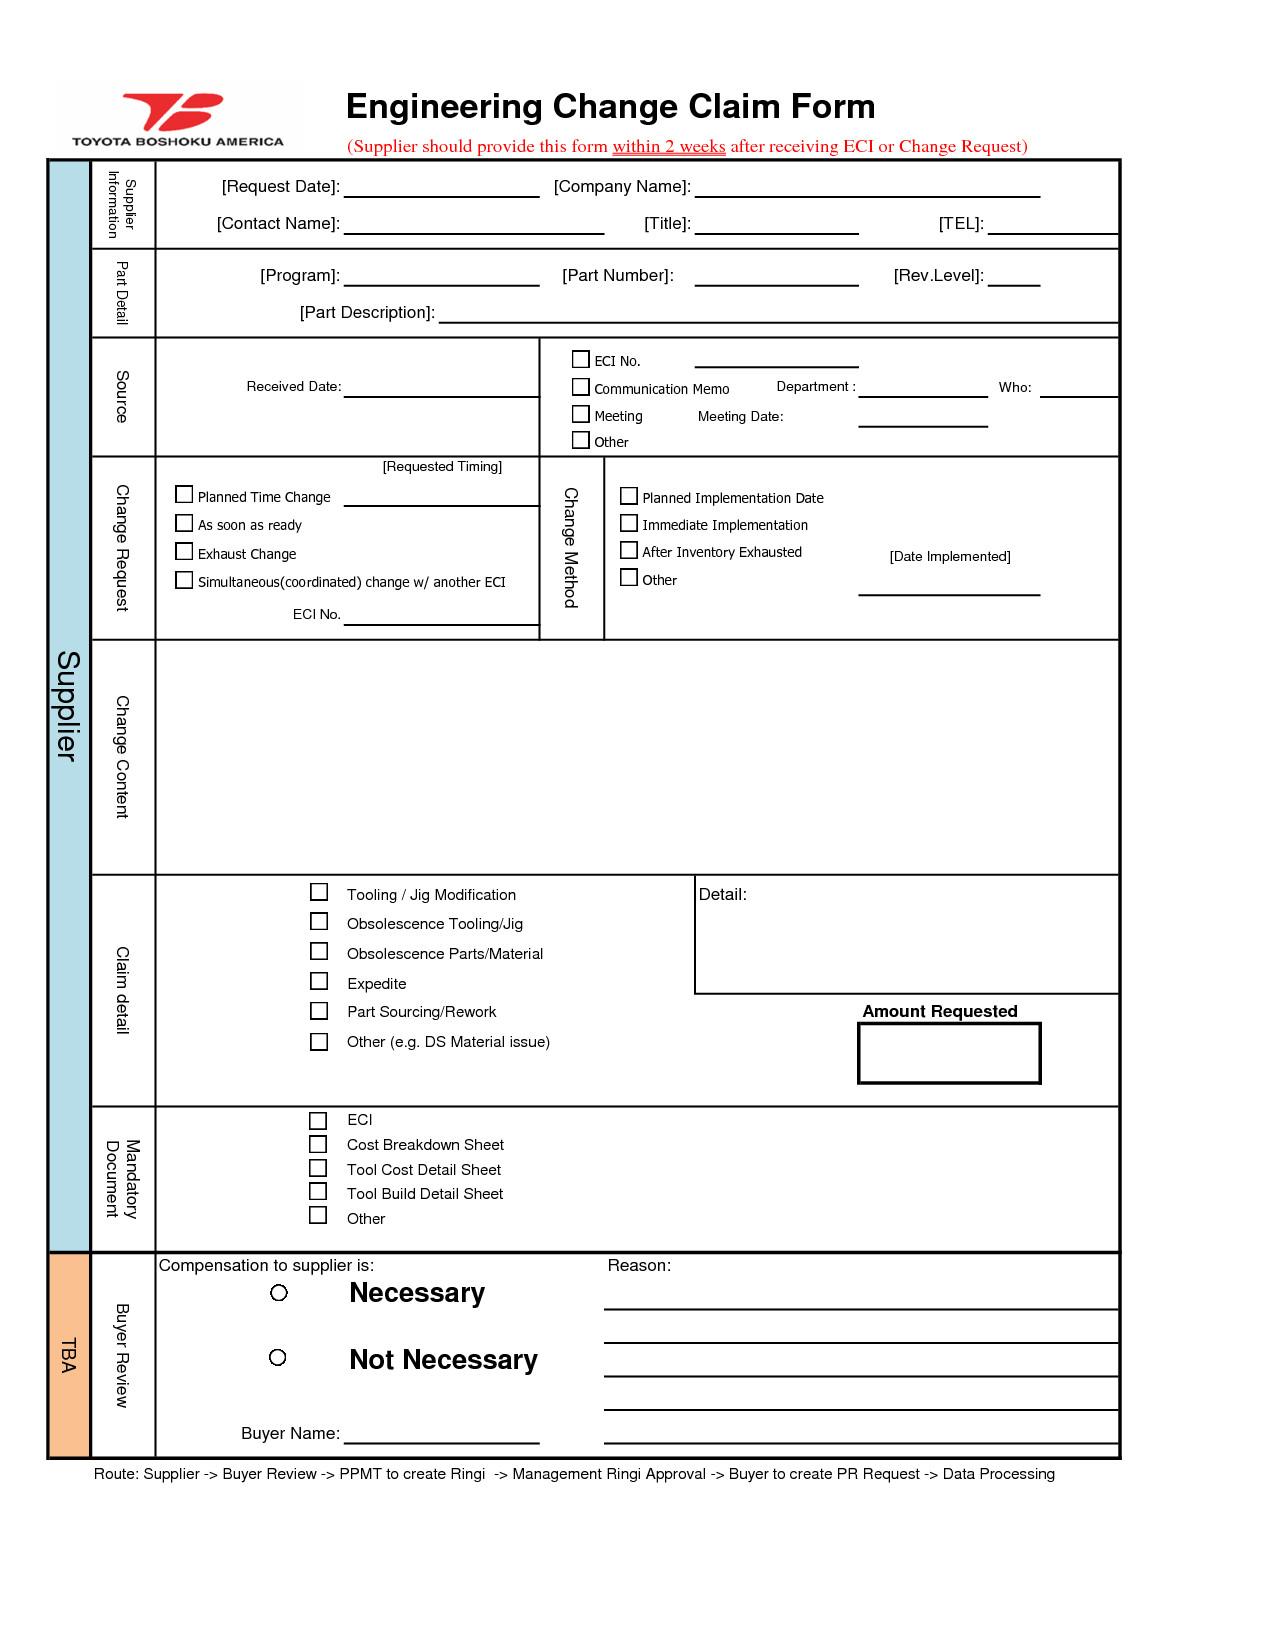 Engineering Change order Template Engineering Change order Template